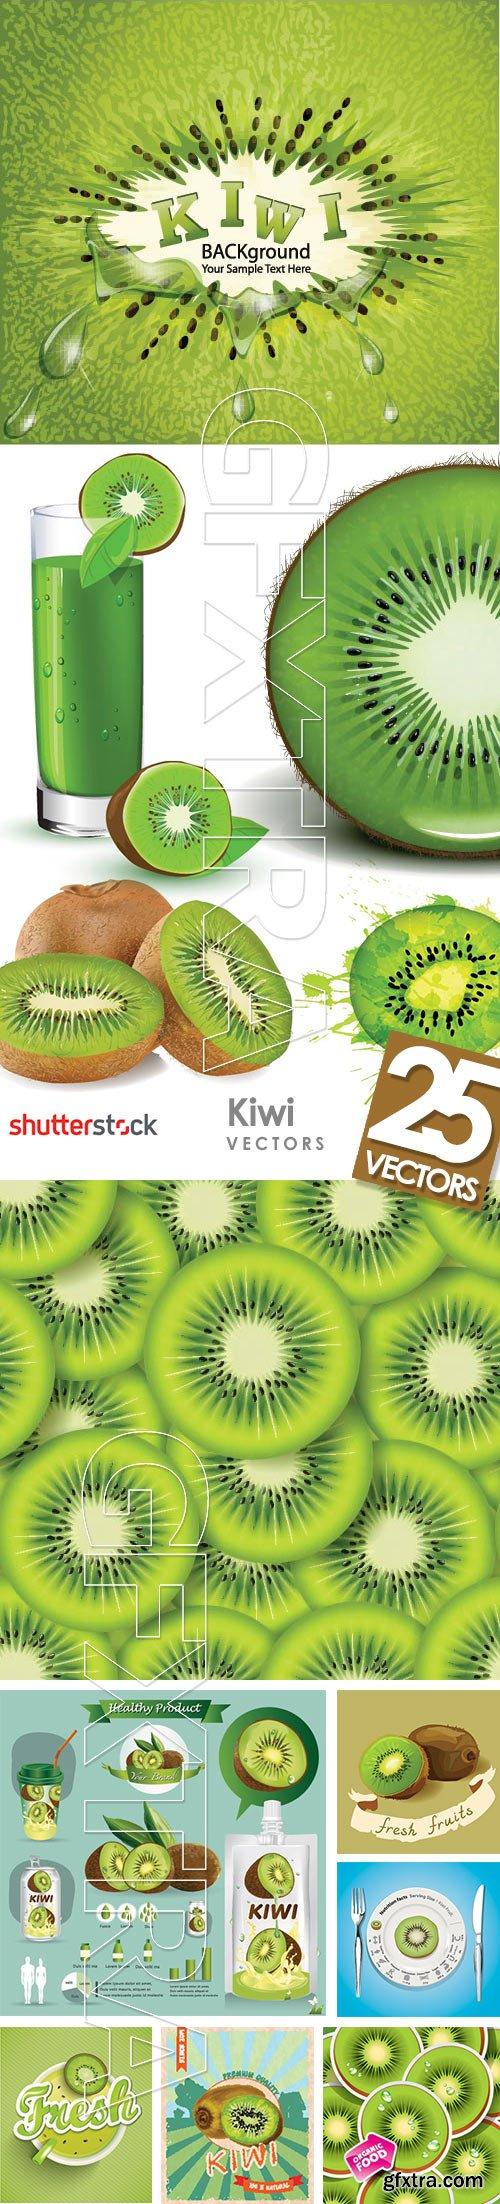 Kiwi Vectors 25xEPS